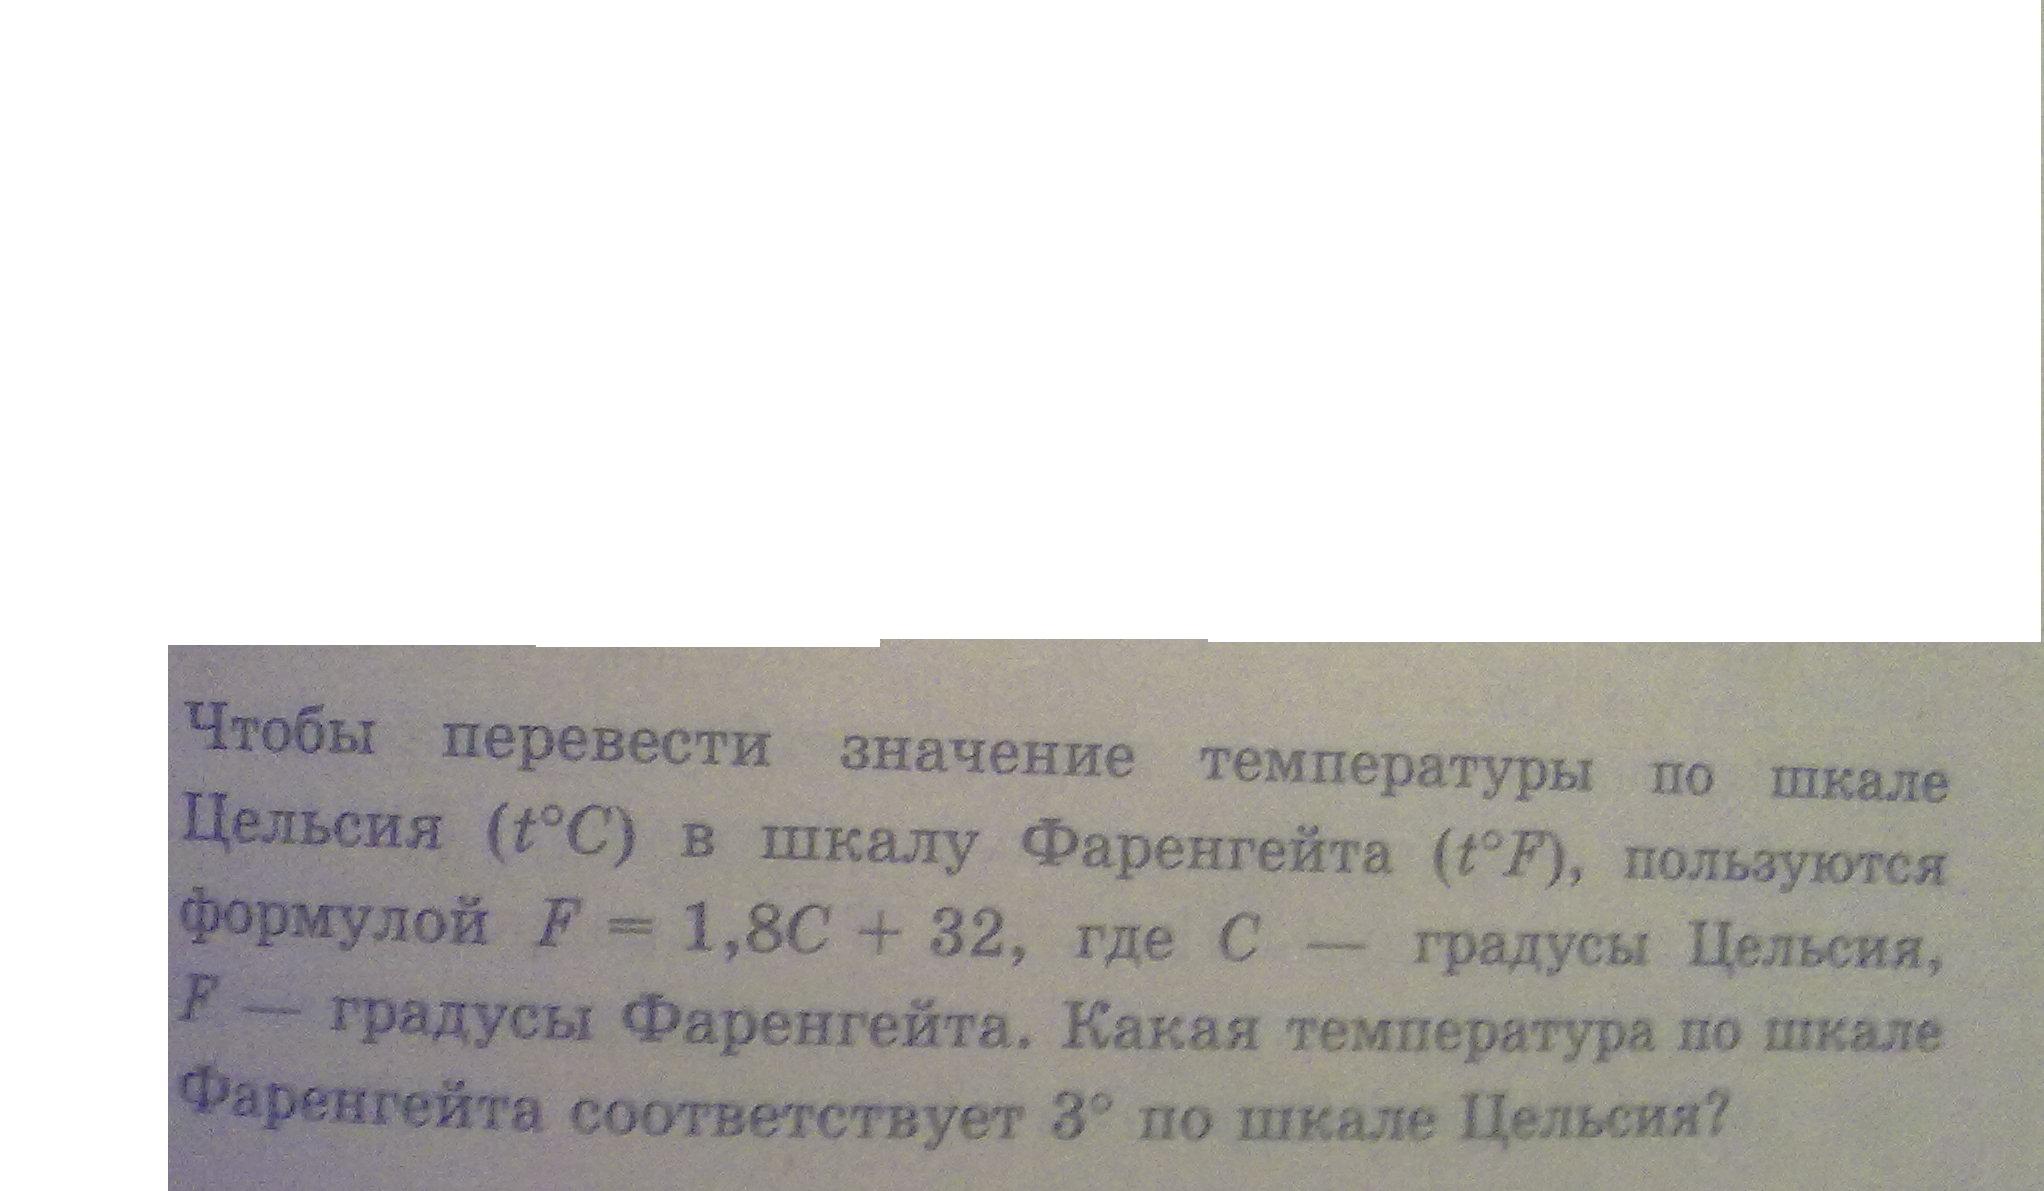 Срочно помогите пожалуйста: Чтобы перевести значение температуры по шкале Цельсия (t(градус)С) в шкалу фаренгейта. Смотрите изображение.Дайте полный обоснованный ответ(37,4), заранее огромное спасибо.